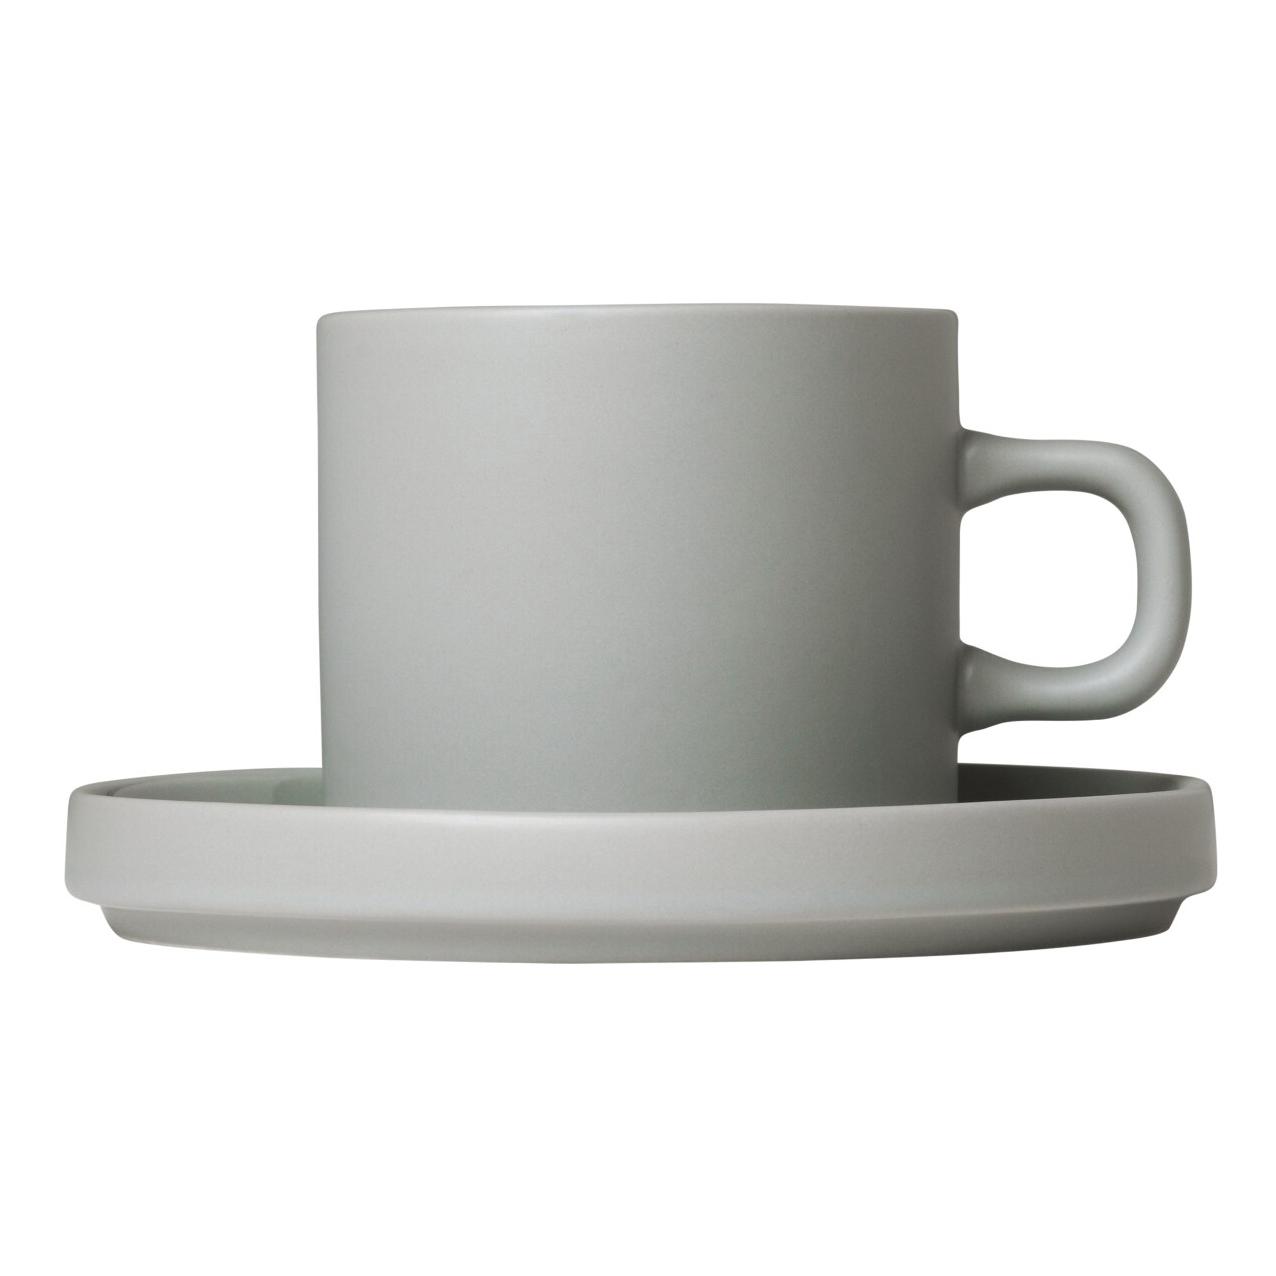 Súprava 2 hrnčekov na kávu s tanierikmi MIO svetlosivá 0,2 l Blomus